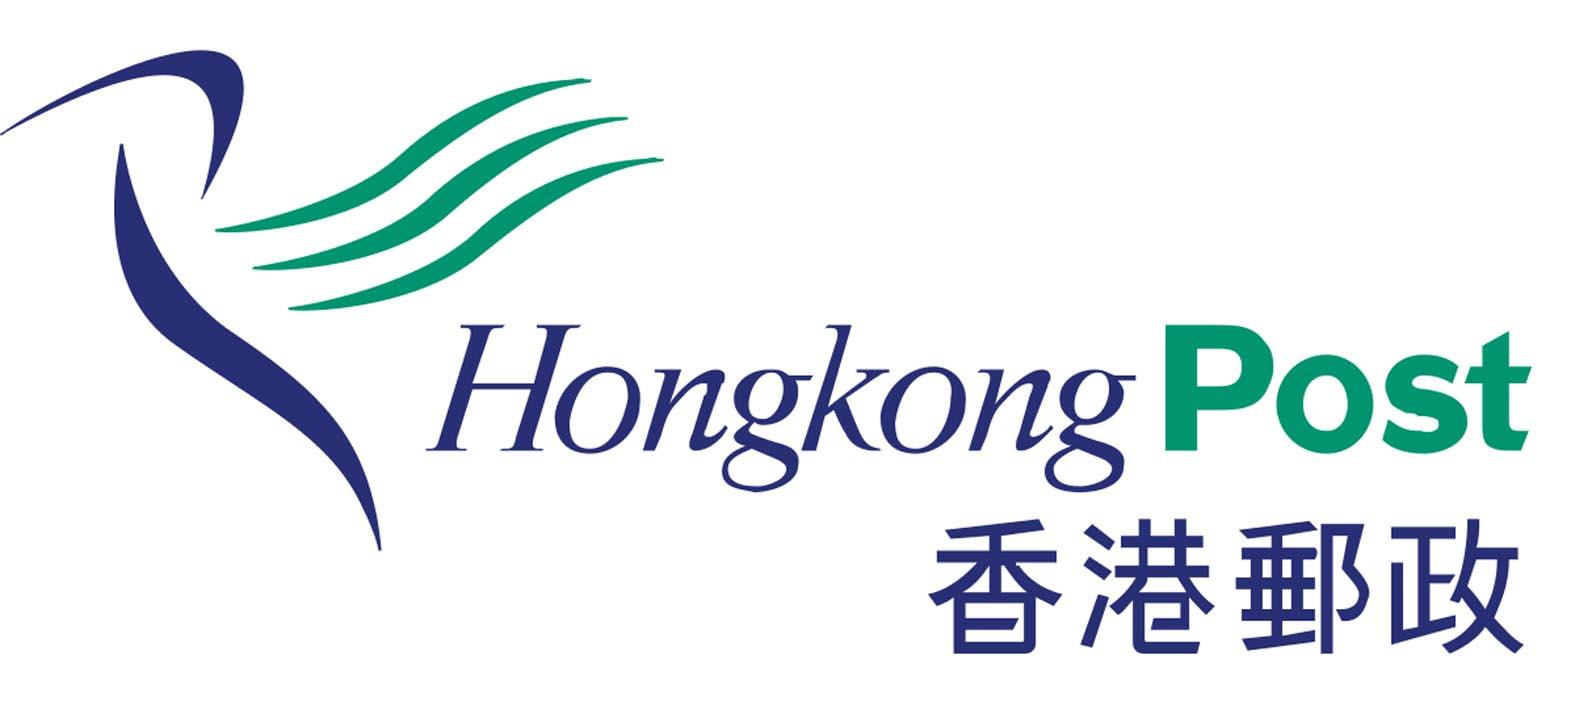 Honkong 2